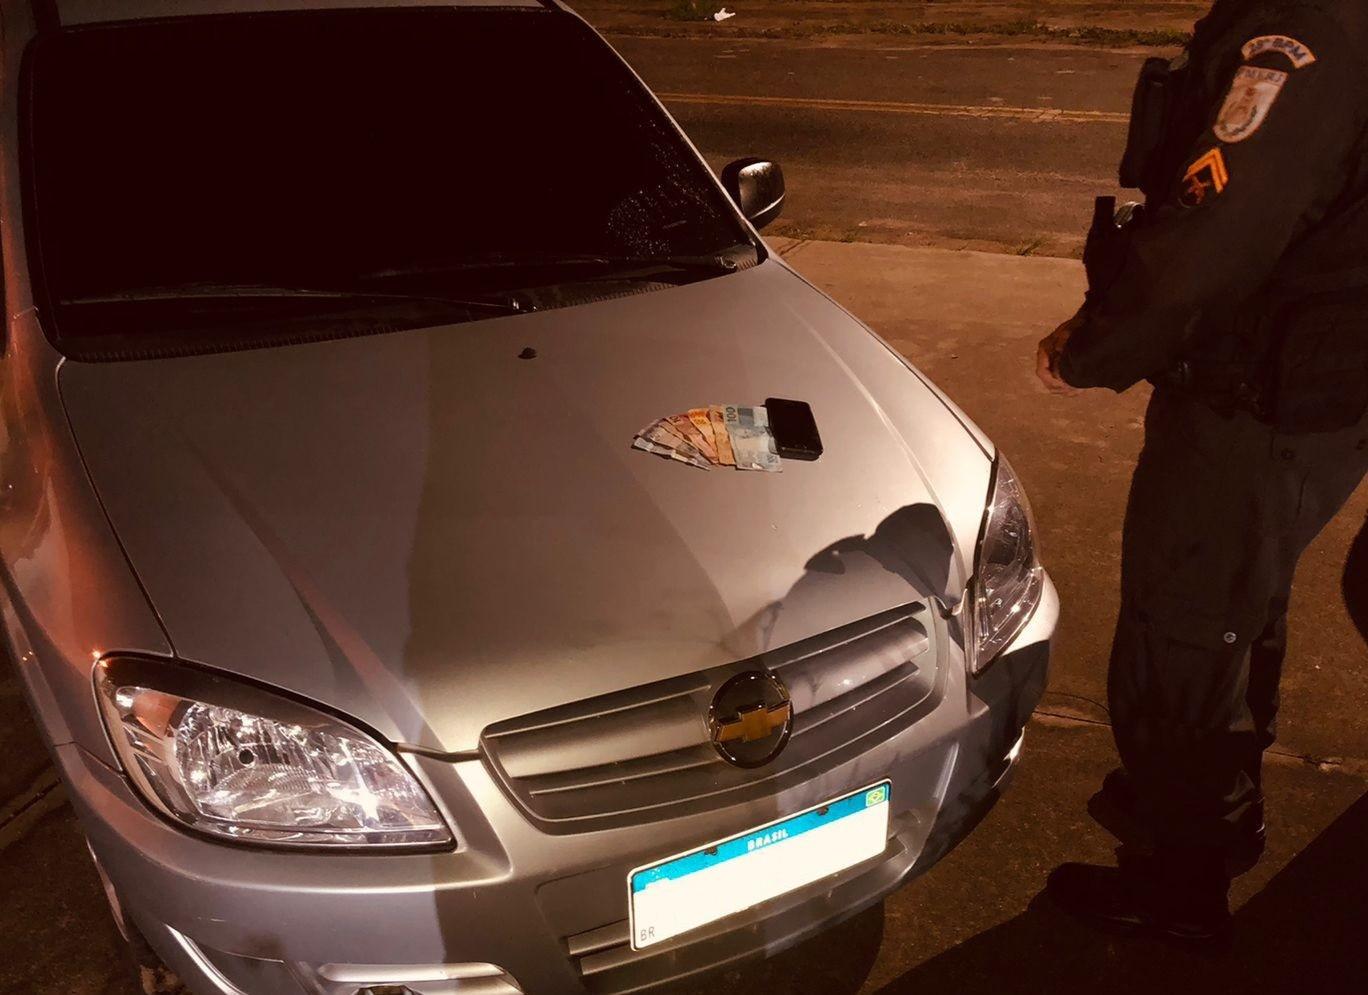 Jovem é preso ao ser flagrado com carro clonado em Pinheiral